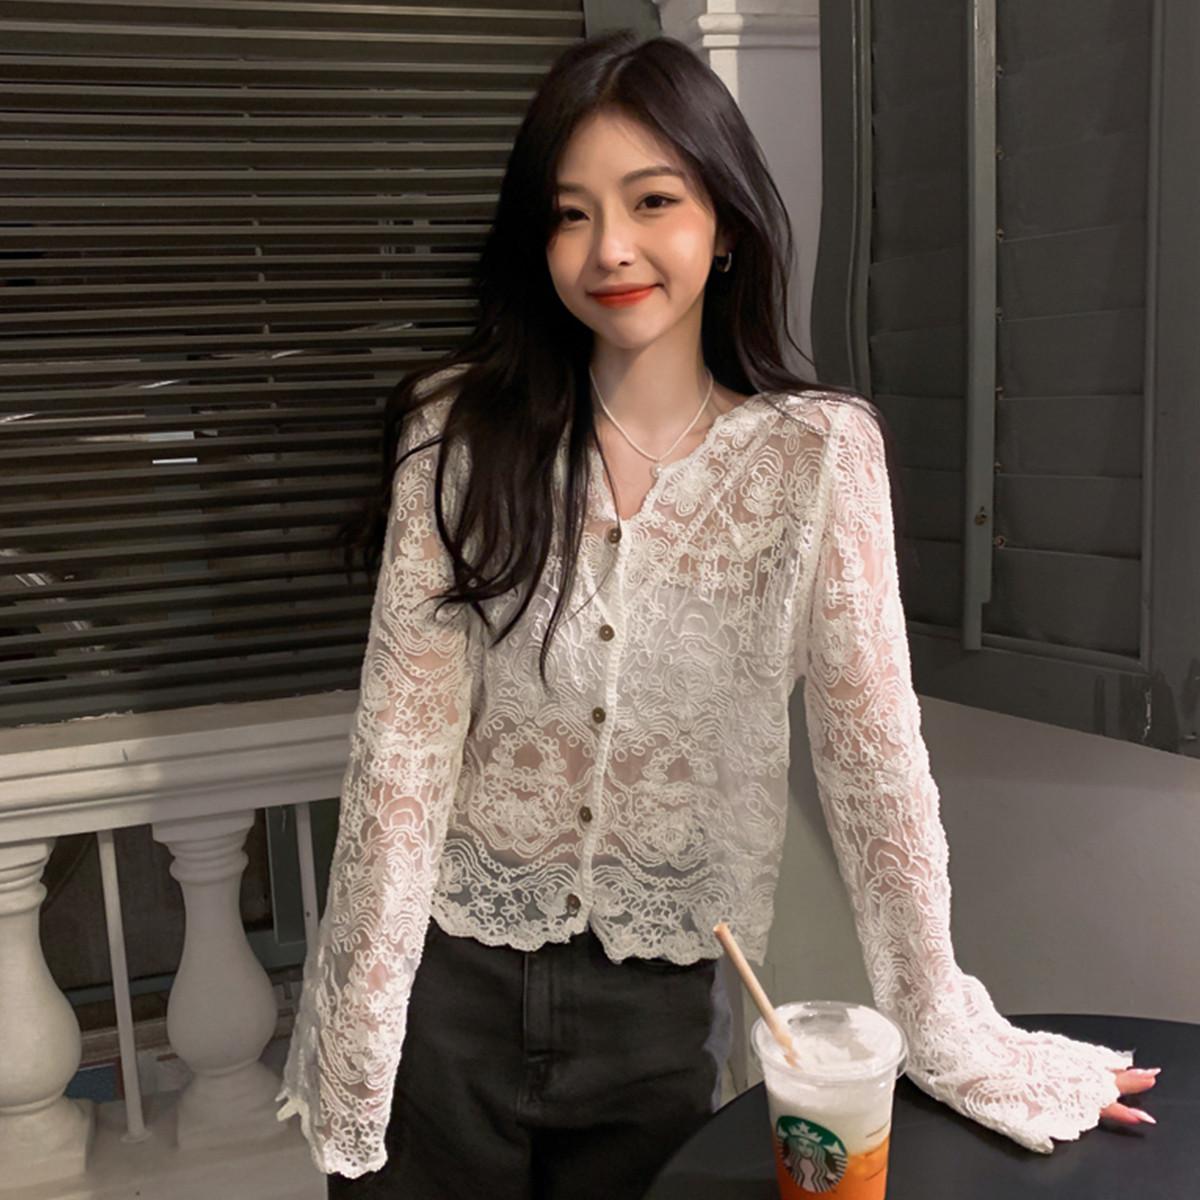 质检官图防晒衣女2021新款夏季薄款宽松镂空罩衫蕾丝衫披肩小外套